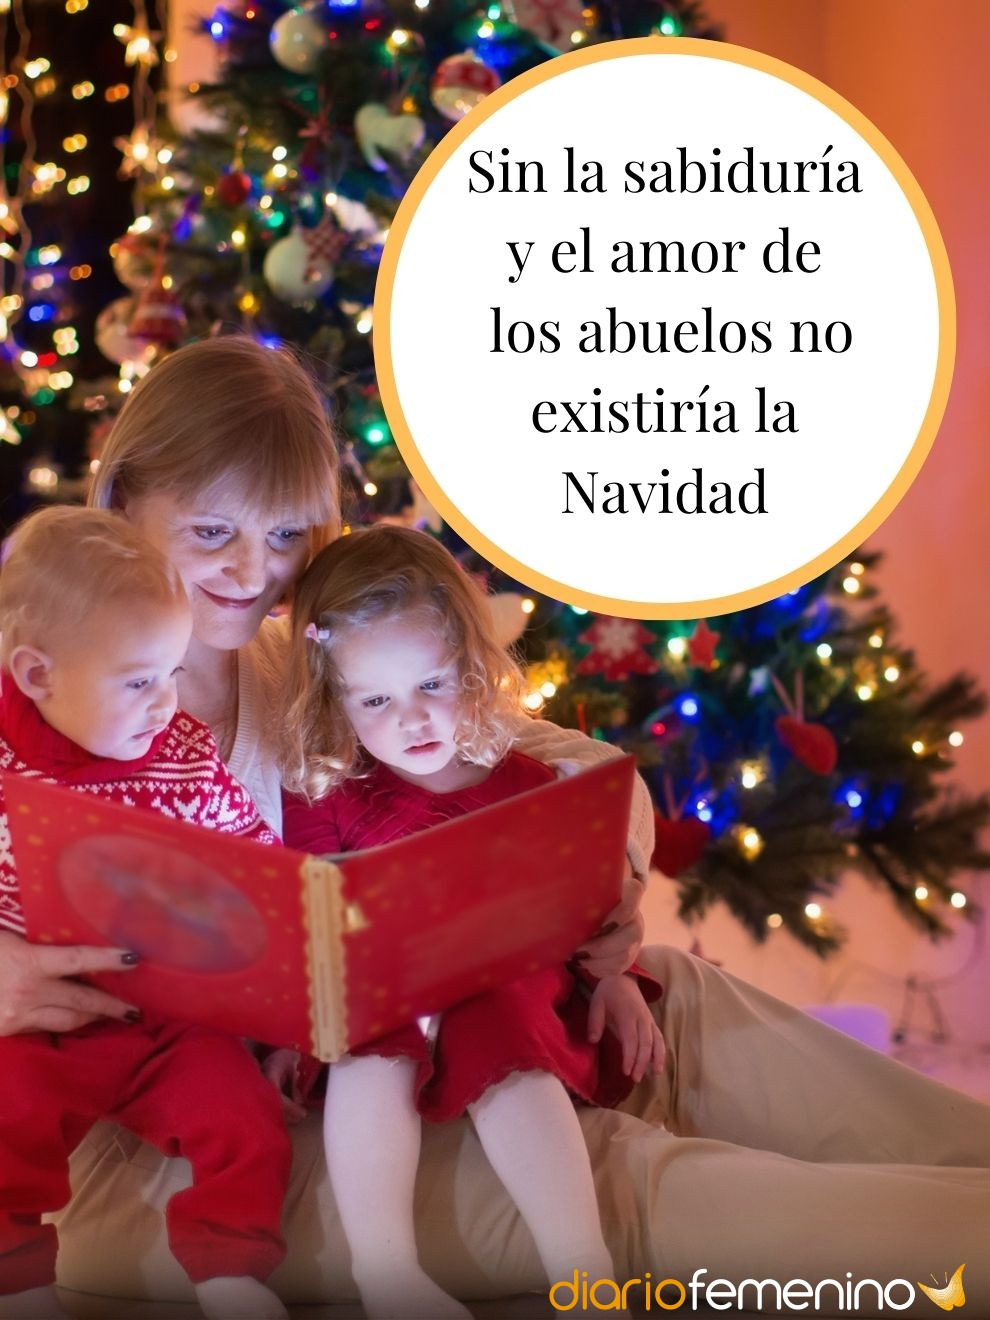 La sabiduría y el amor de los abuelos, lo mejor de la Navidad